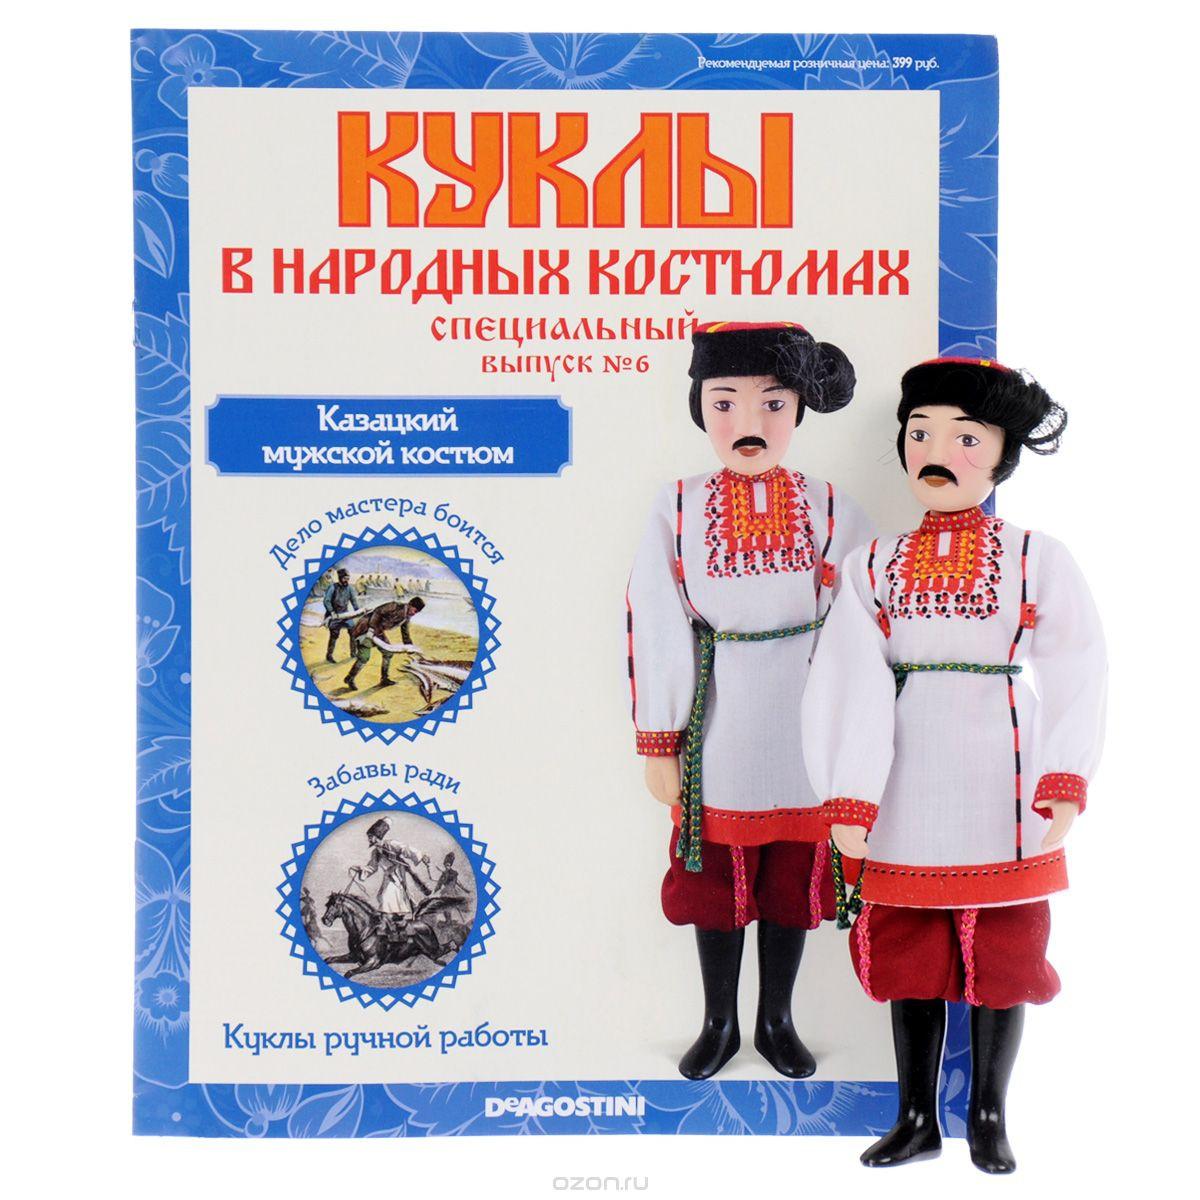 Куклы в народных костюмах №6 специальный выпуск